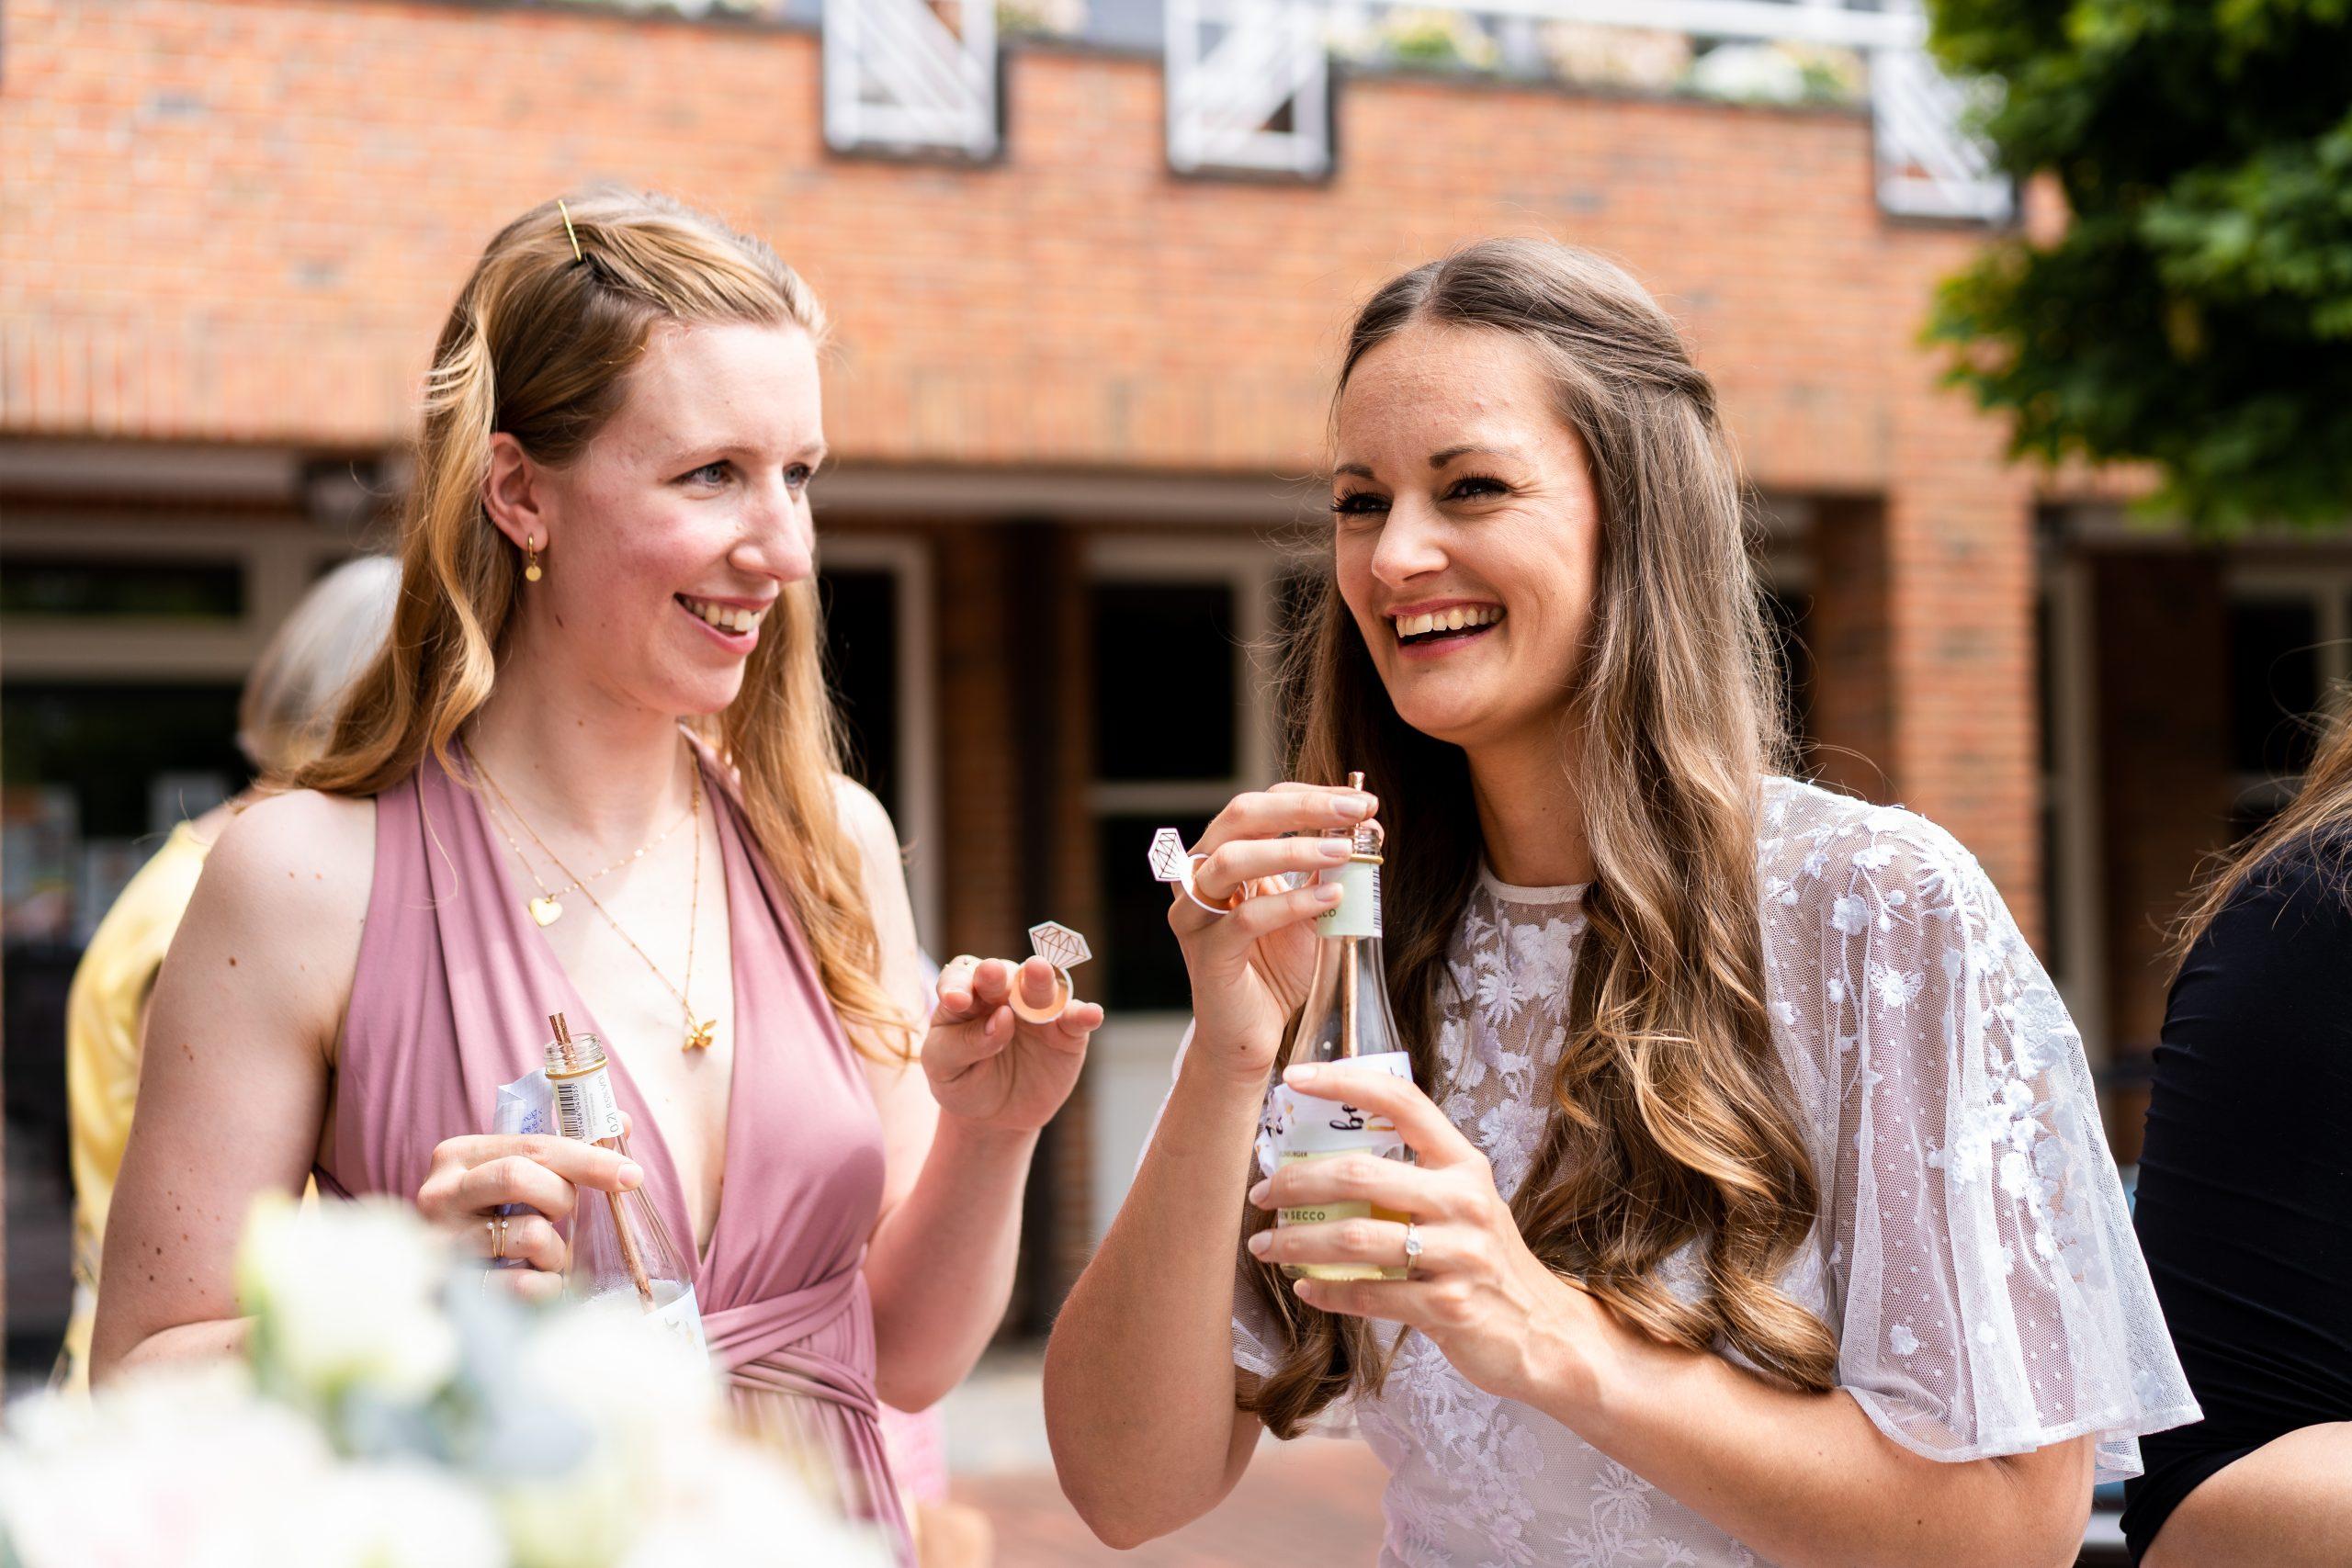 Hochzeitsempfang Fotografie Hochzeitsfotgrafie Braut Brautshooting Brautjungfern Verheiratet Brautbilder Hochzeitsbilder